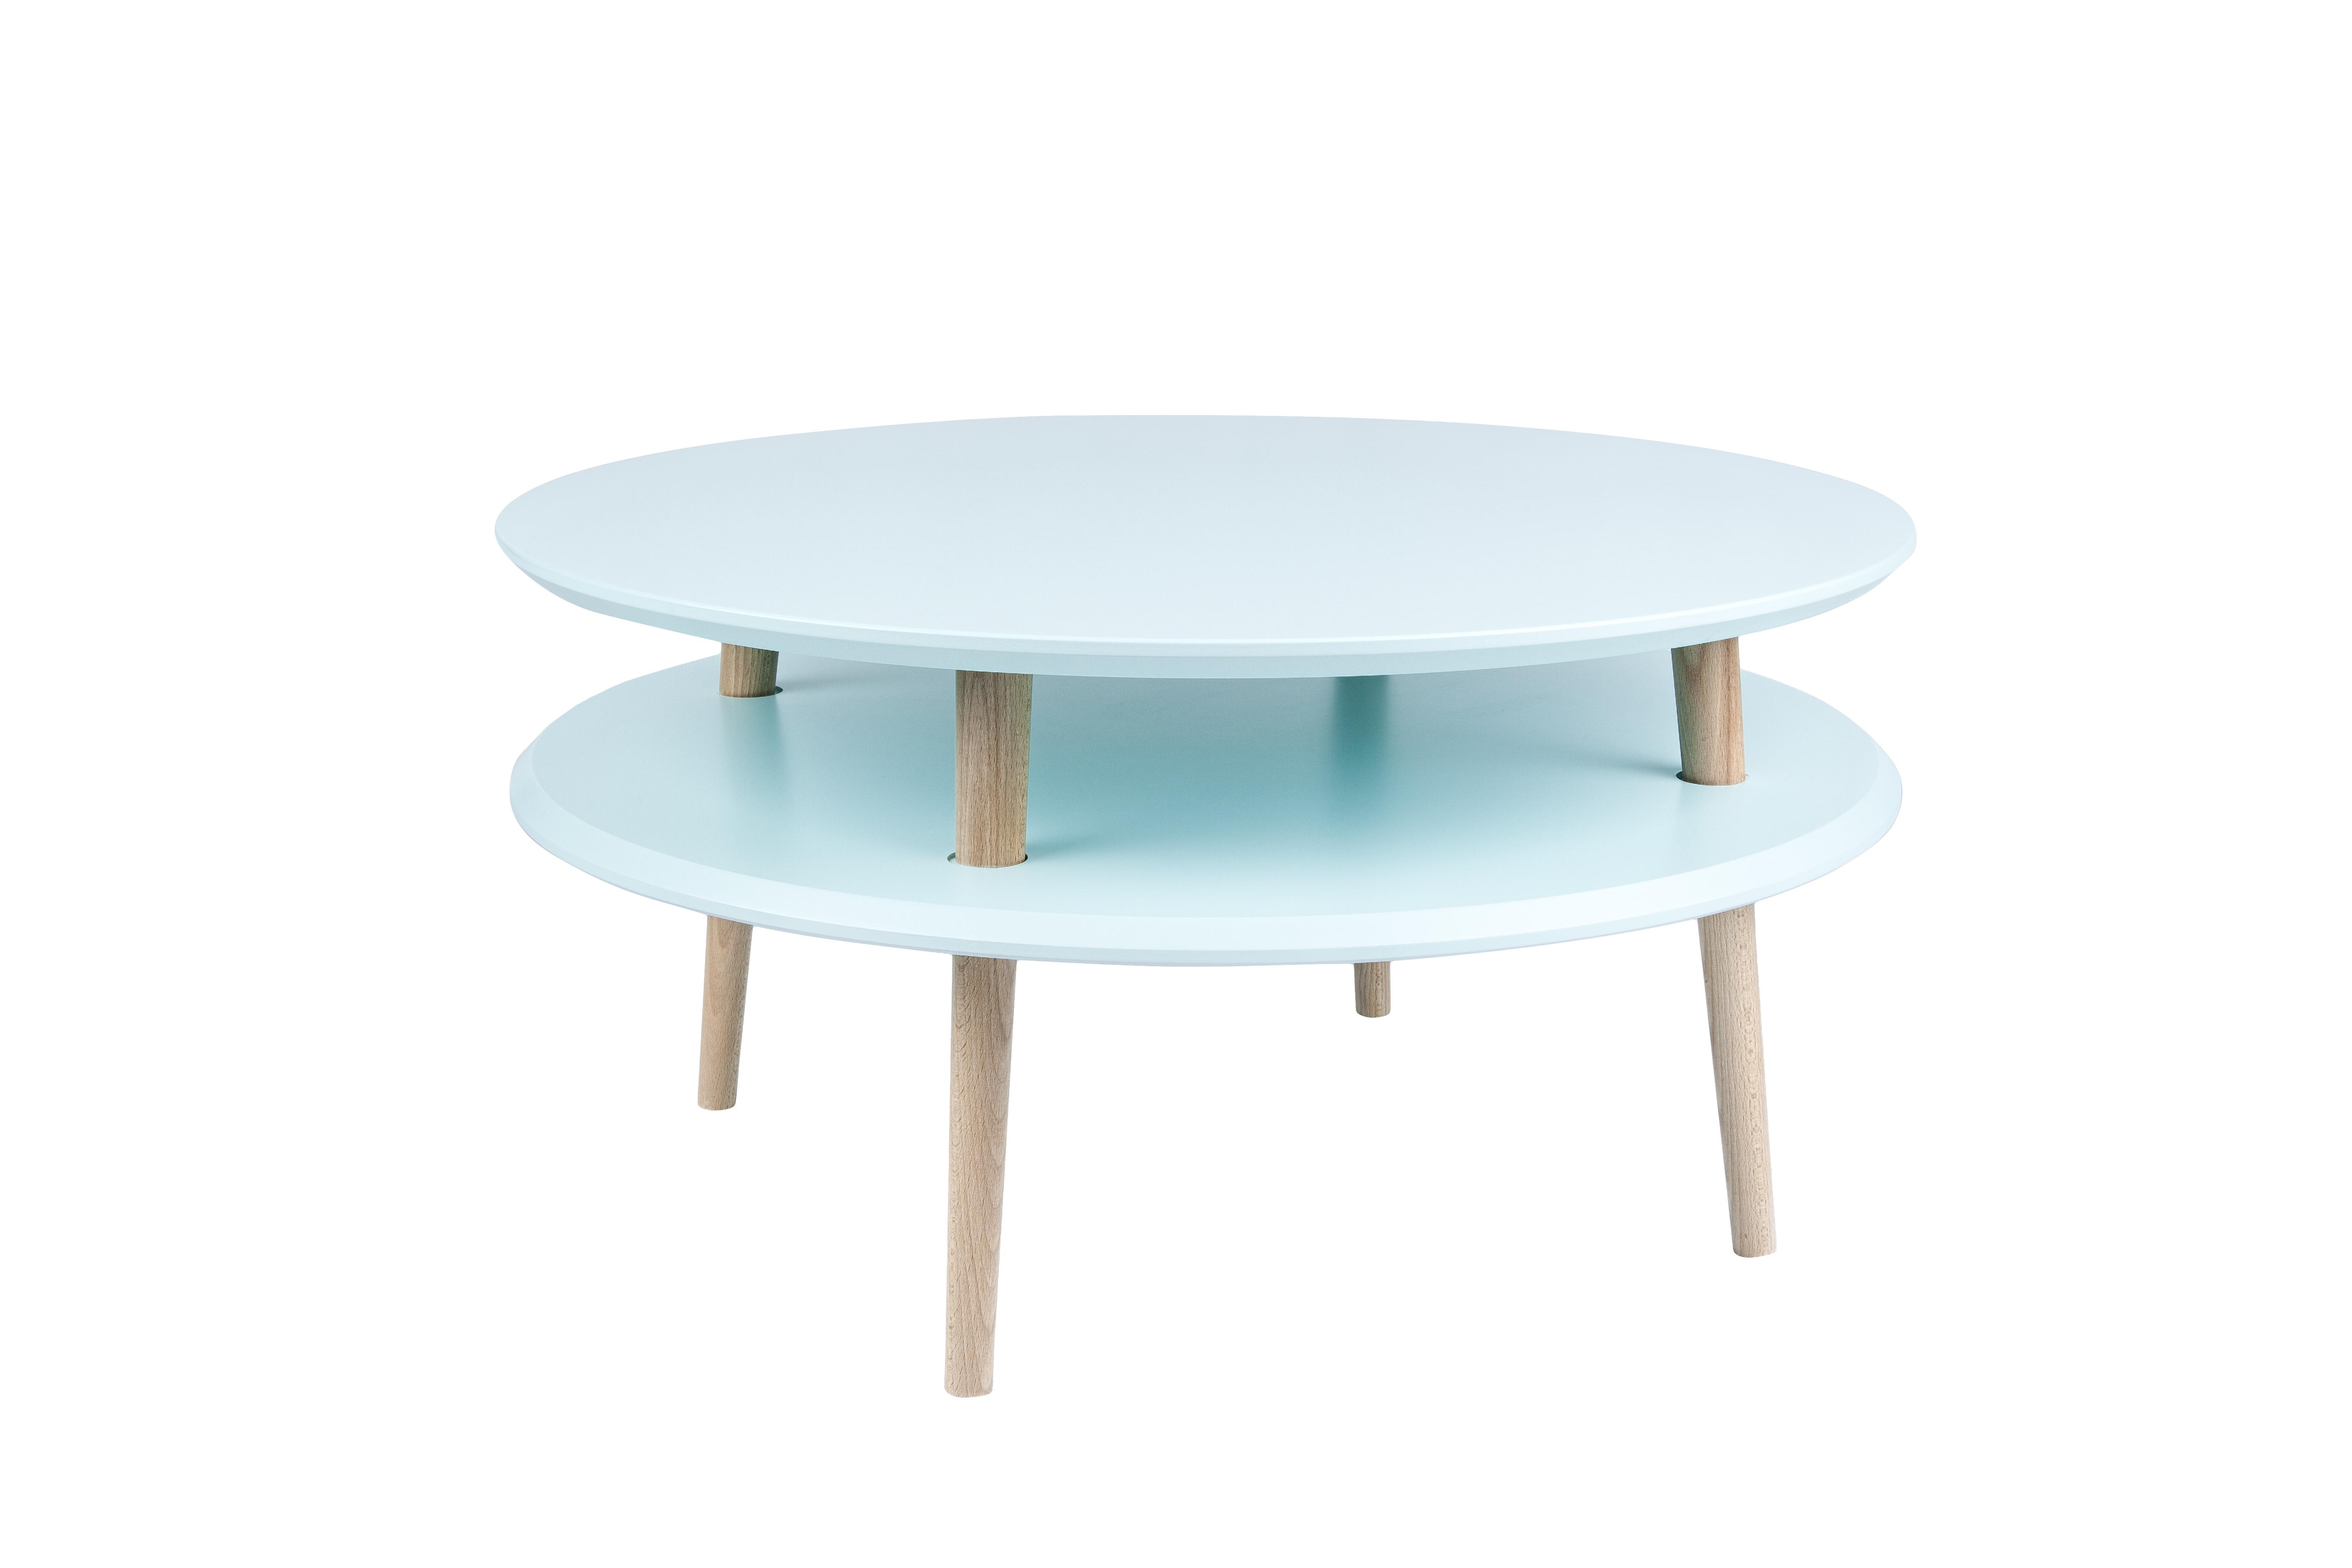 Masa de cafea Ufo Low Light Turquoise, Ø70xh35 cm